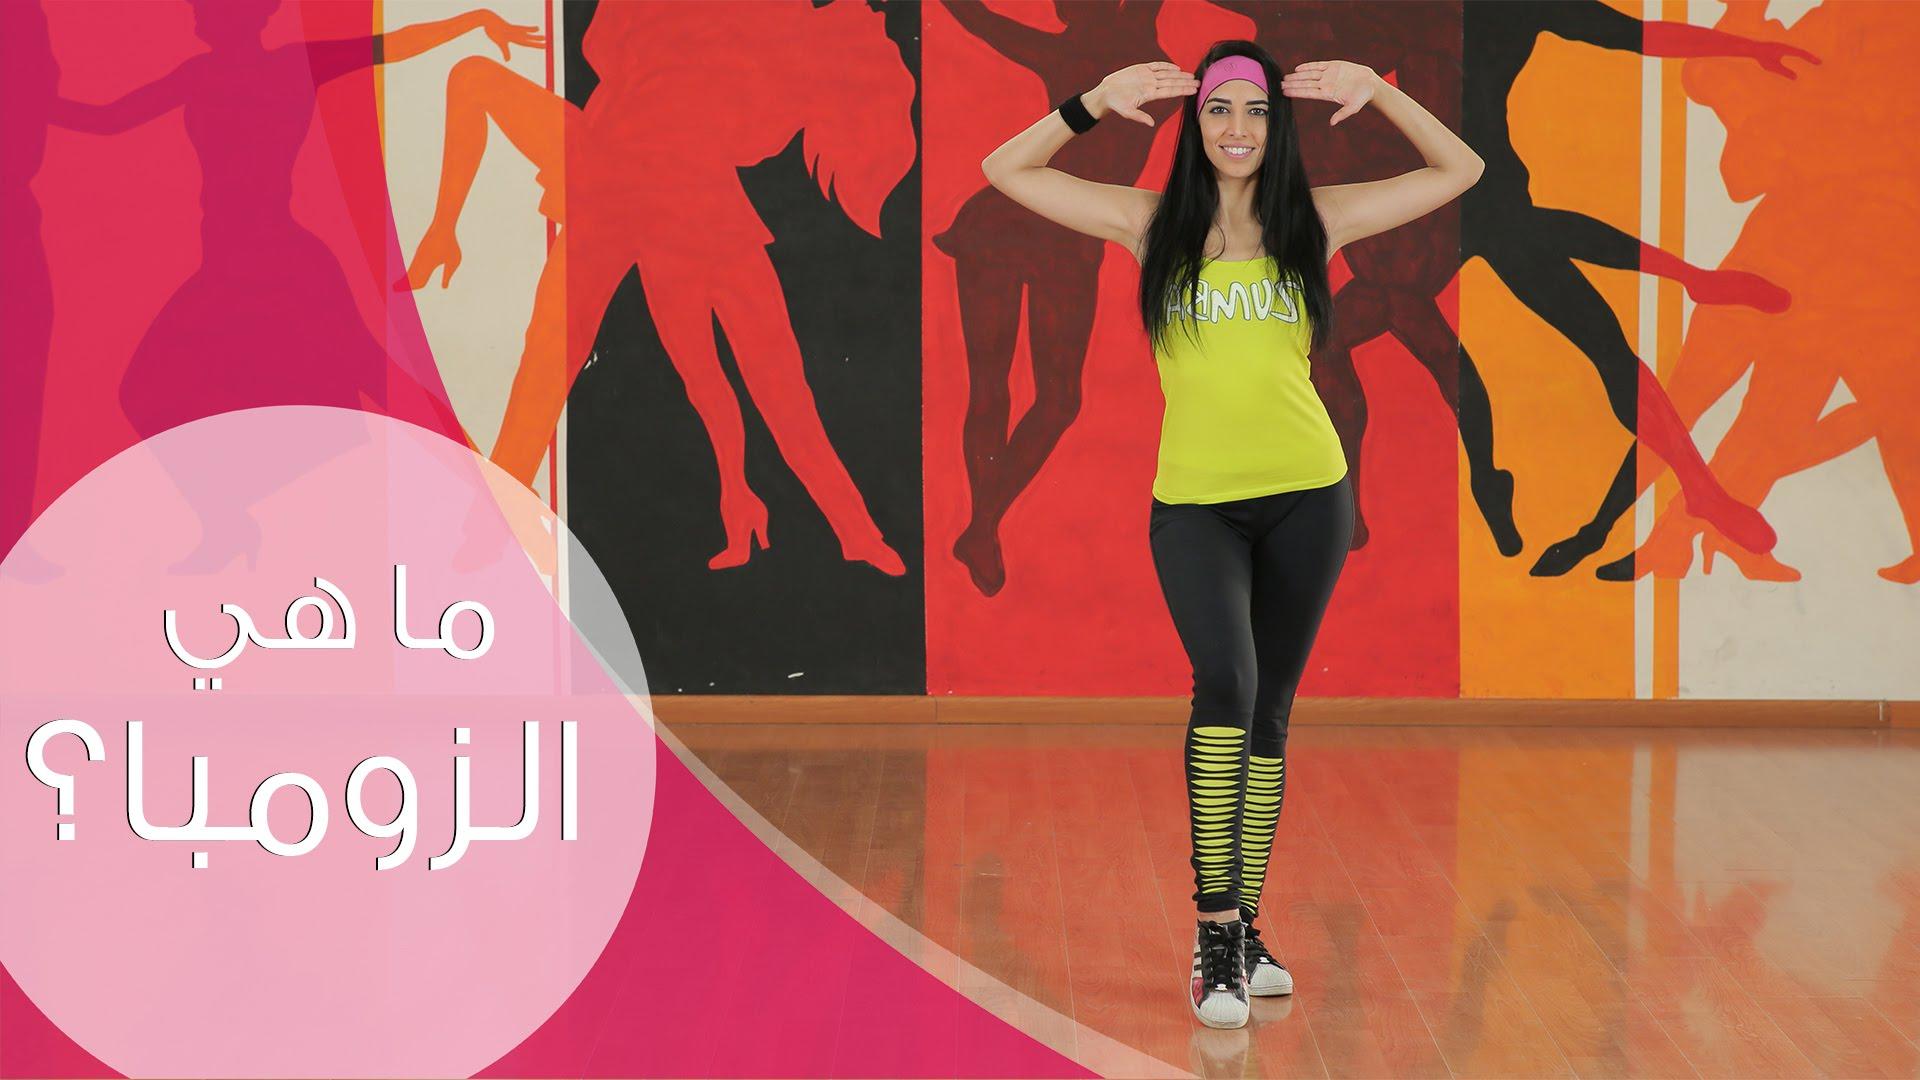 بالفيديو.. تعلمي رقصة الزومبا للتخلص من وزنك الزائد